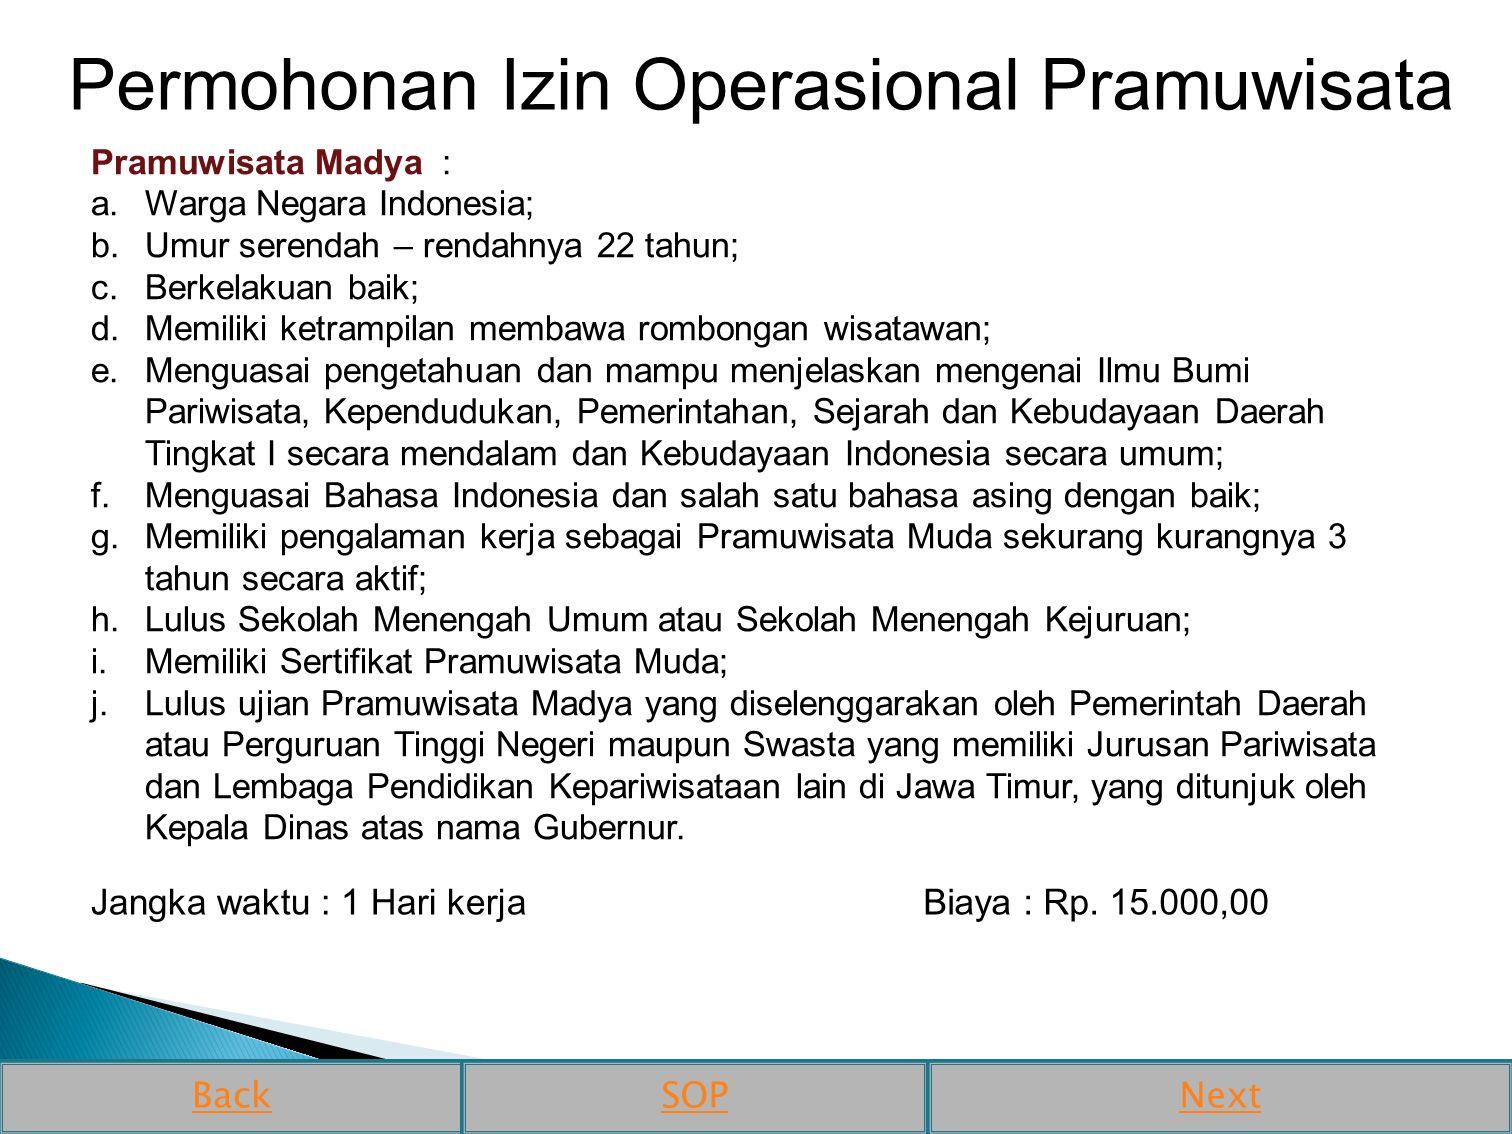 Pramuwisata Madya : a.Warga Negara Indonesia; b.Umur serendah – rendahnya 22 tahun; c.Berkelakuan baik; d.Memiliki ketrampilan membawa rombongan wisat